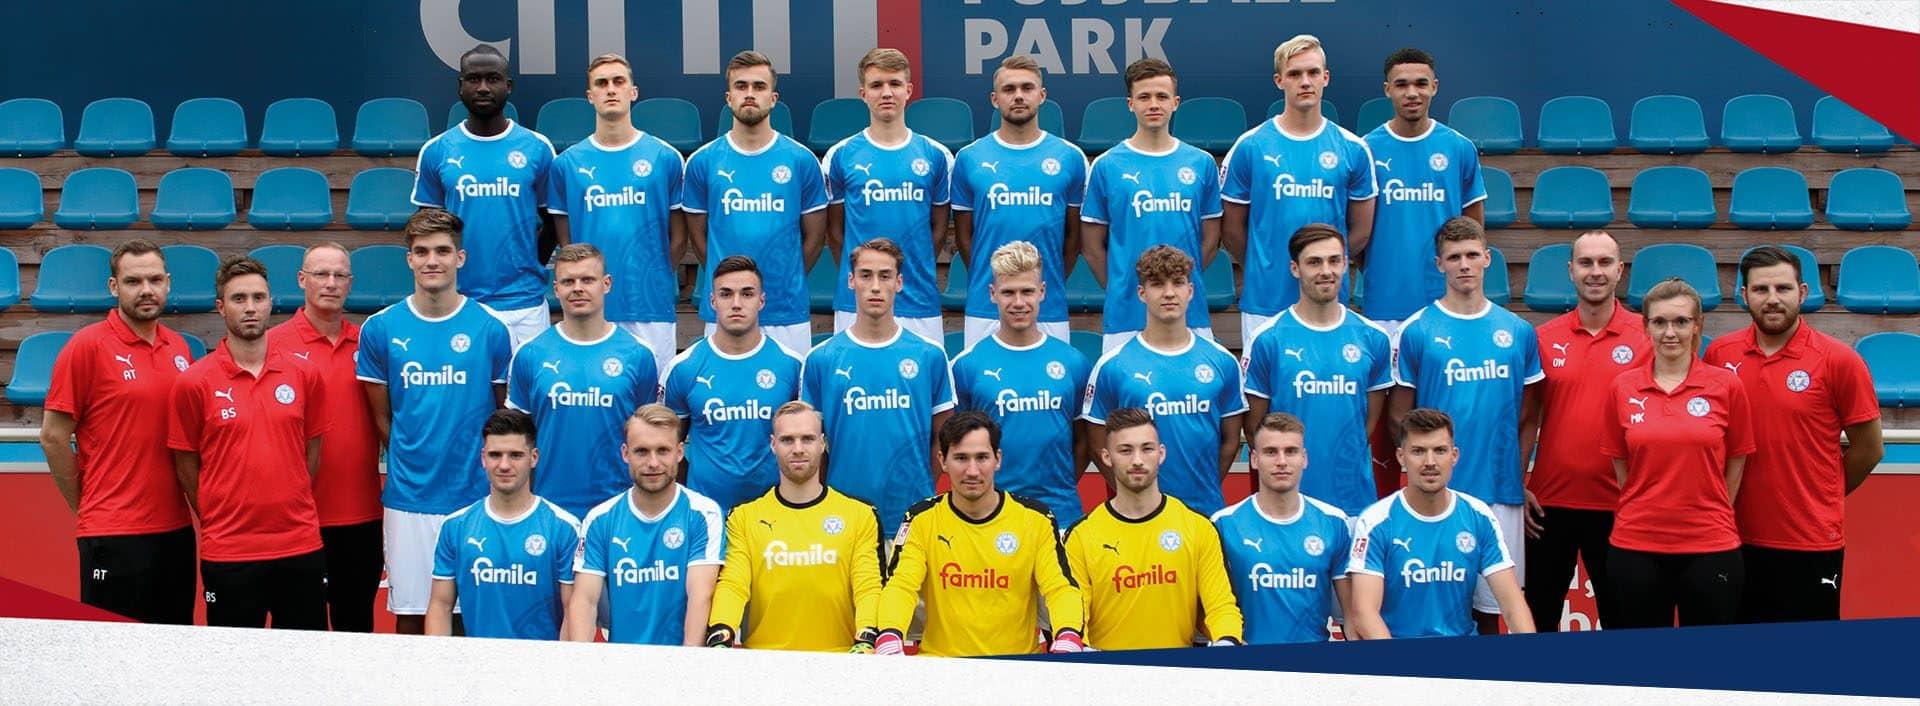 U23 Mannschaftsfoto